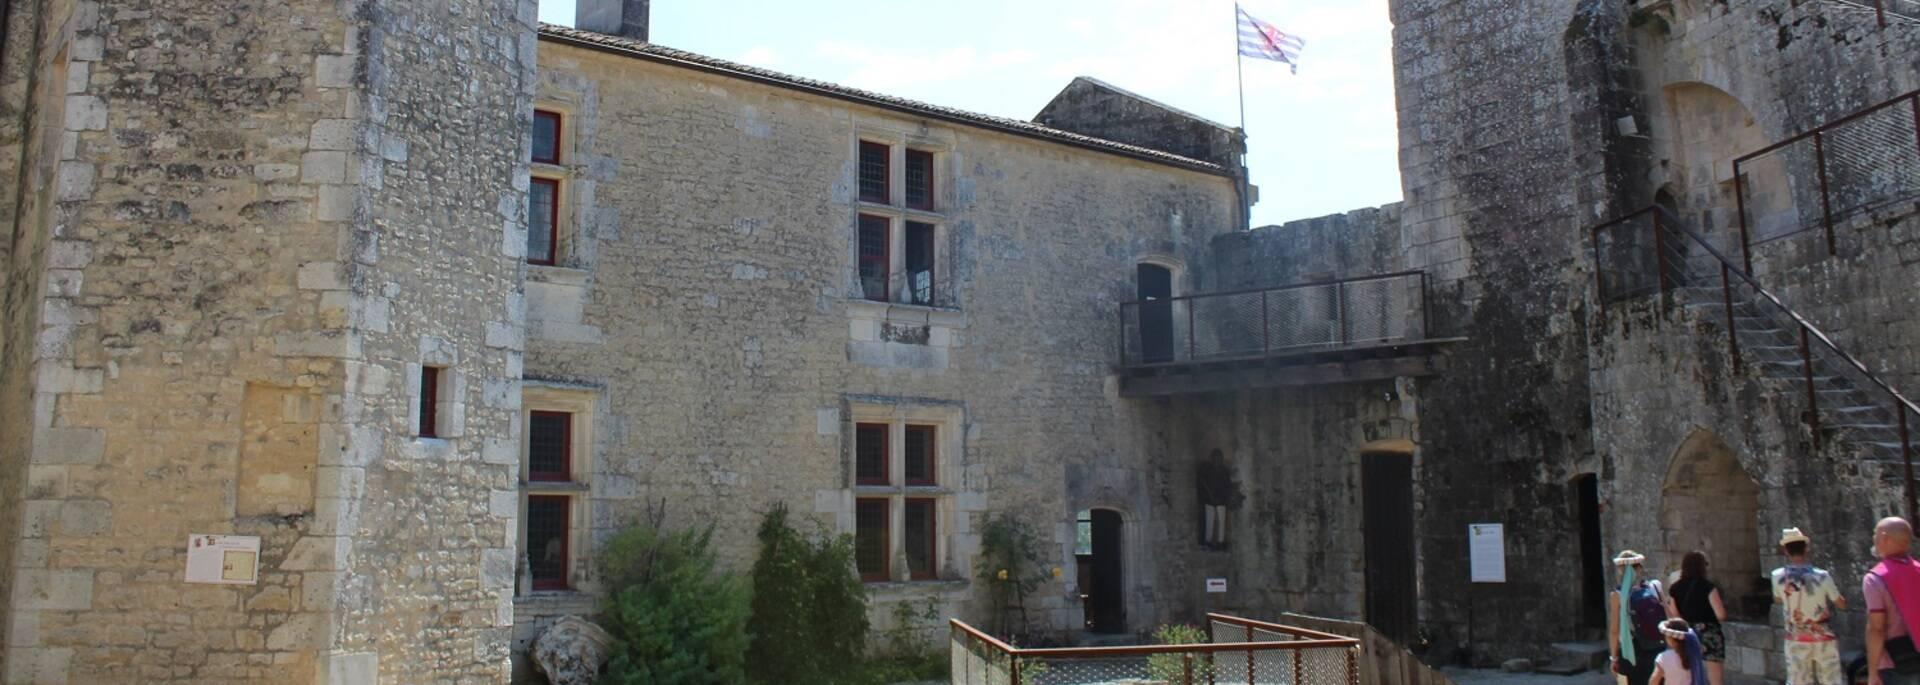 Cour intérieur du château fort de Saint-Jean d'Angle - ©P.Migaud / FDHPA17